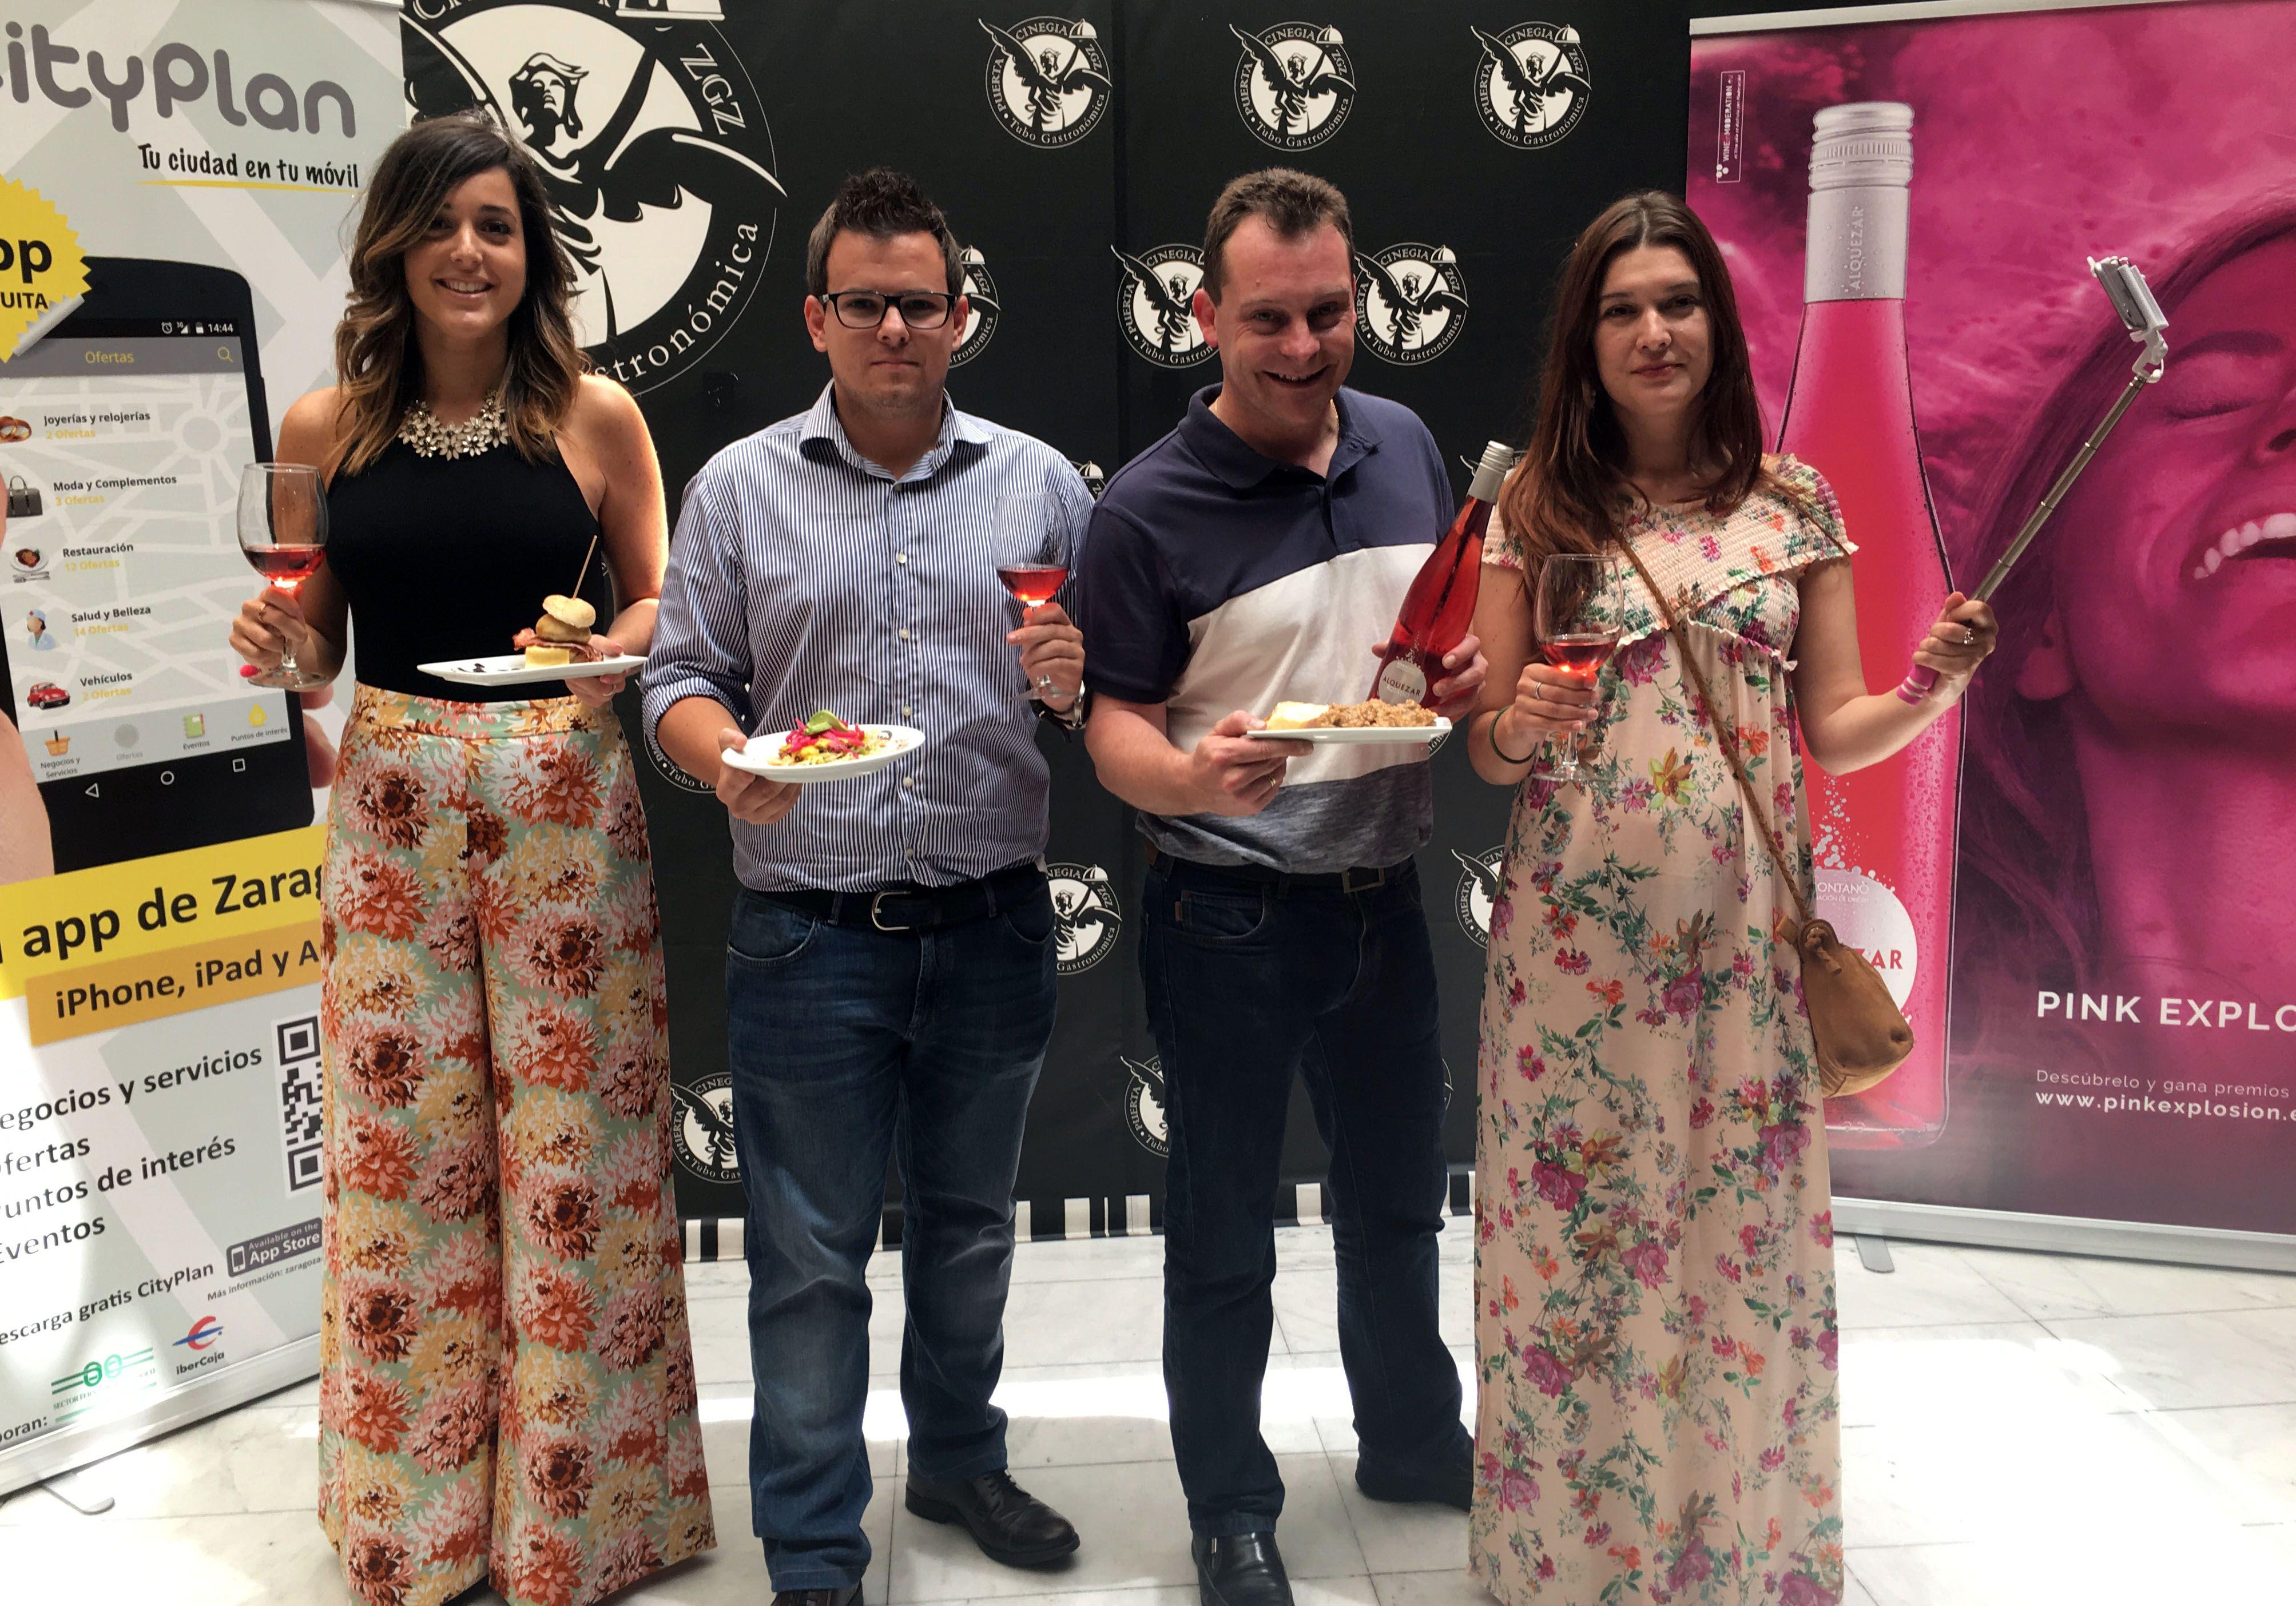 Puerta Cinegia Gastronómica y Bodega Pirineos celebran la llegada del verano con nuevas propuestas de la CityTapa y regalos directos